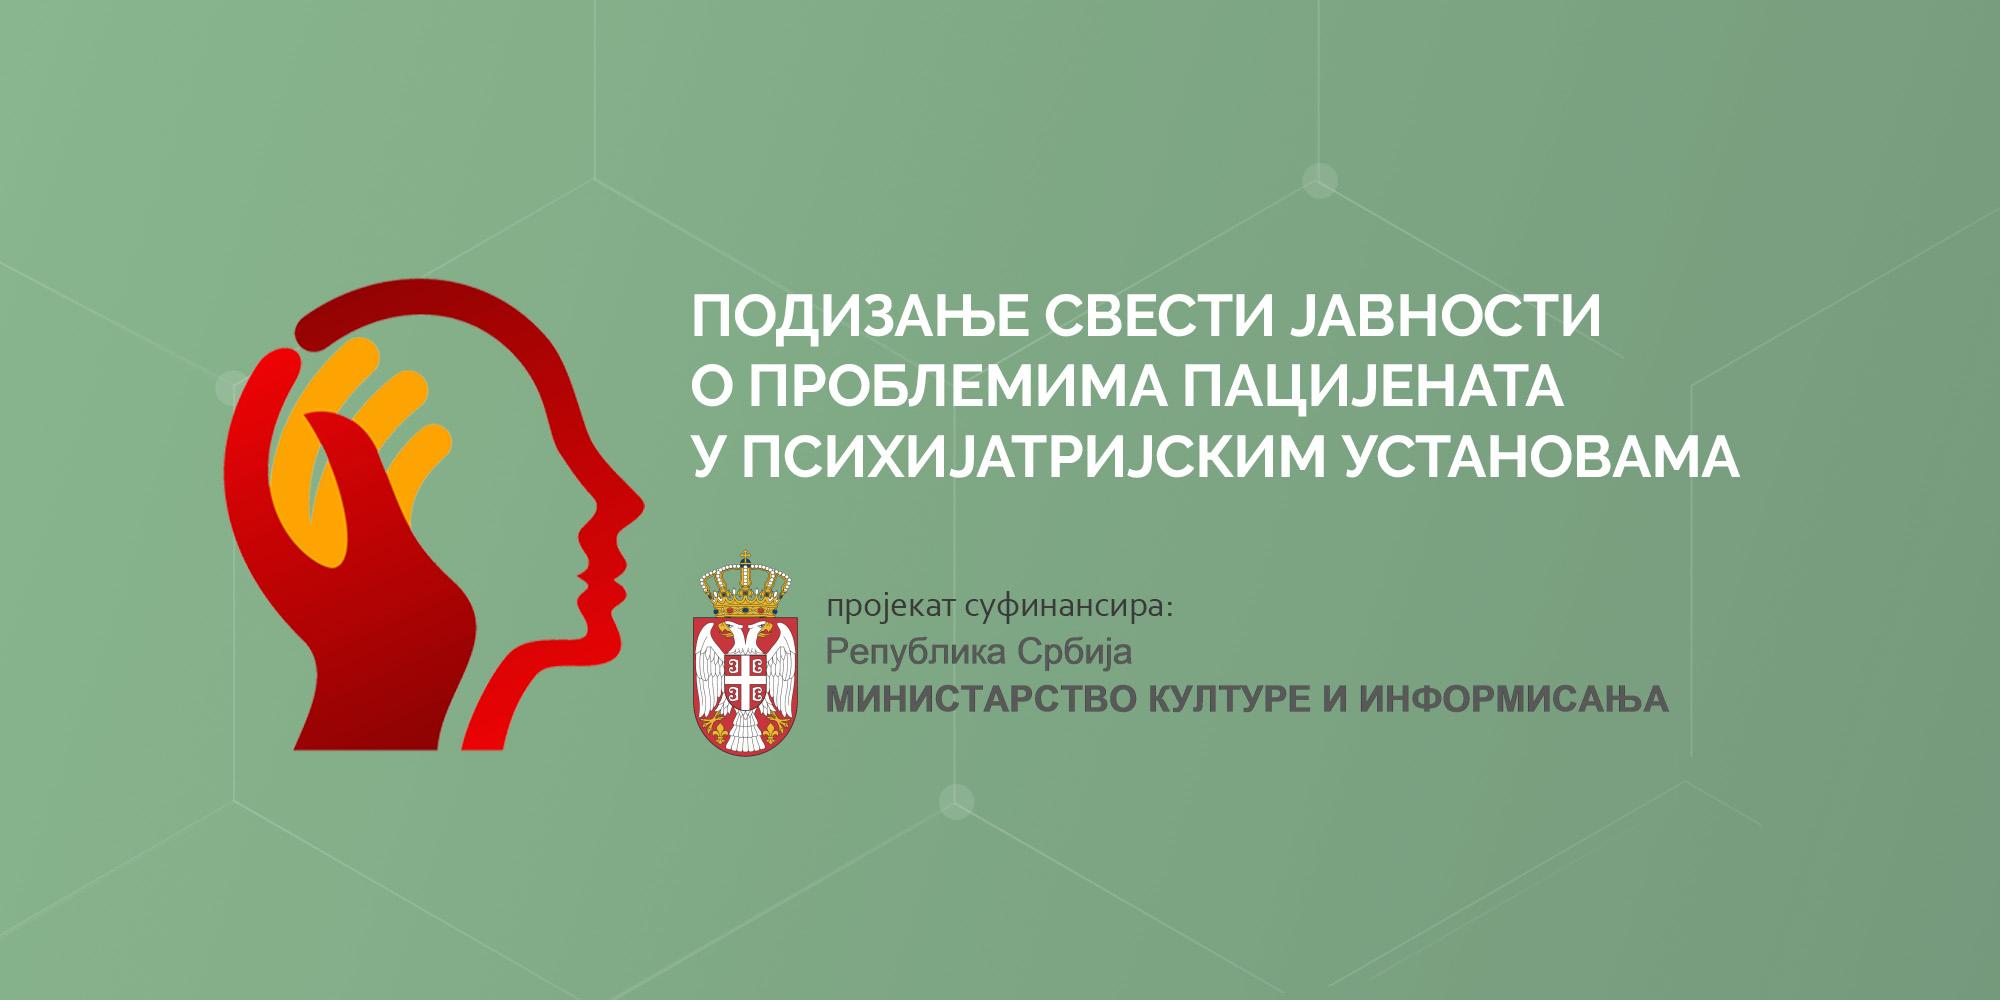 Projekat Ministarstvo 2018